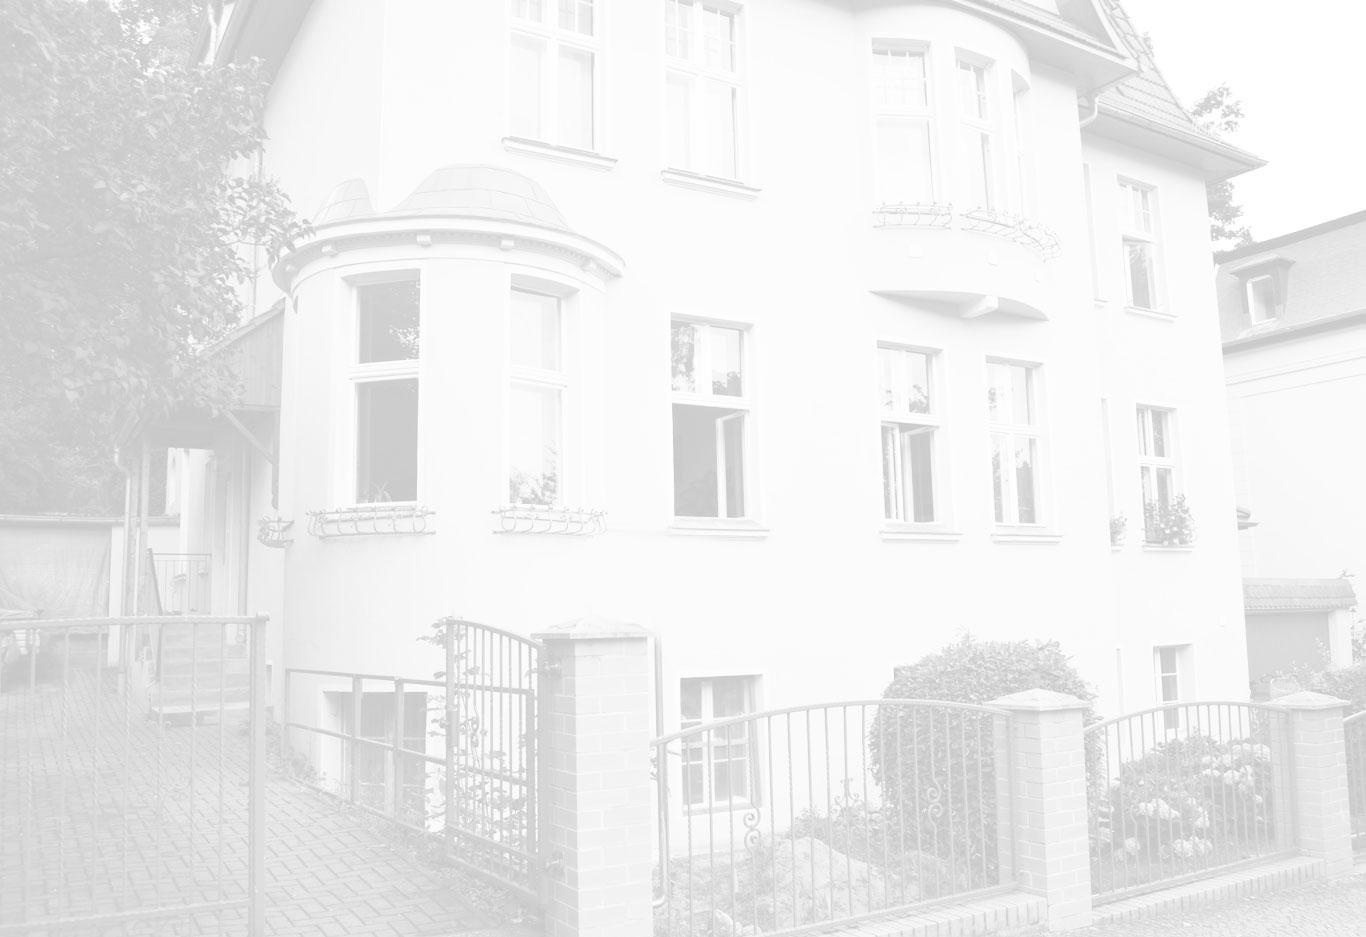 allgemeines zivilrecht rechtsanw ltin in eberswalde f r allgemeines zivilrecht arbeitsrecht. Black Bedroom Furniture Sets. Home Design Ideas